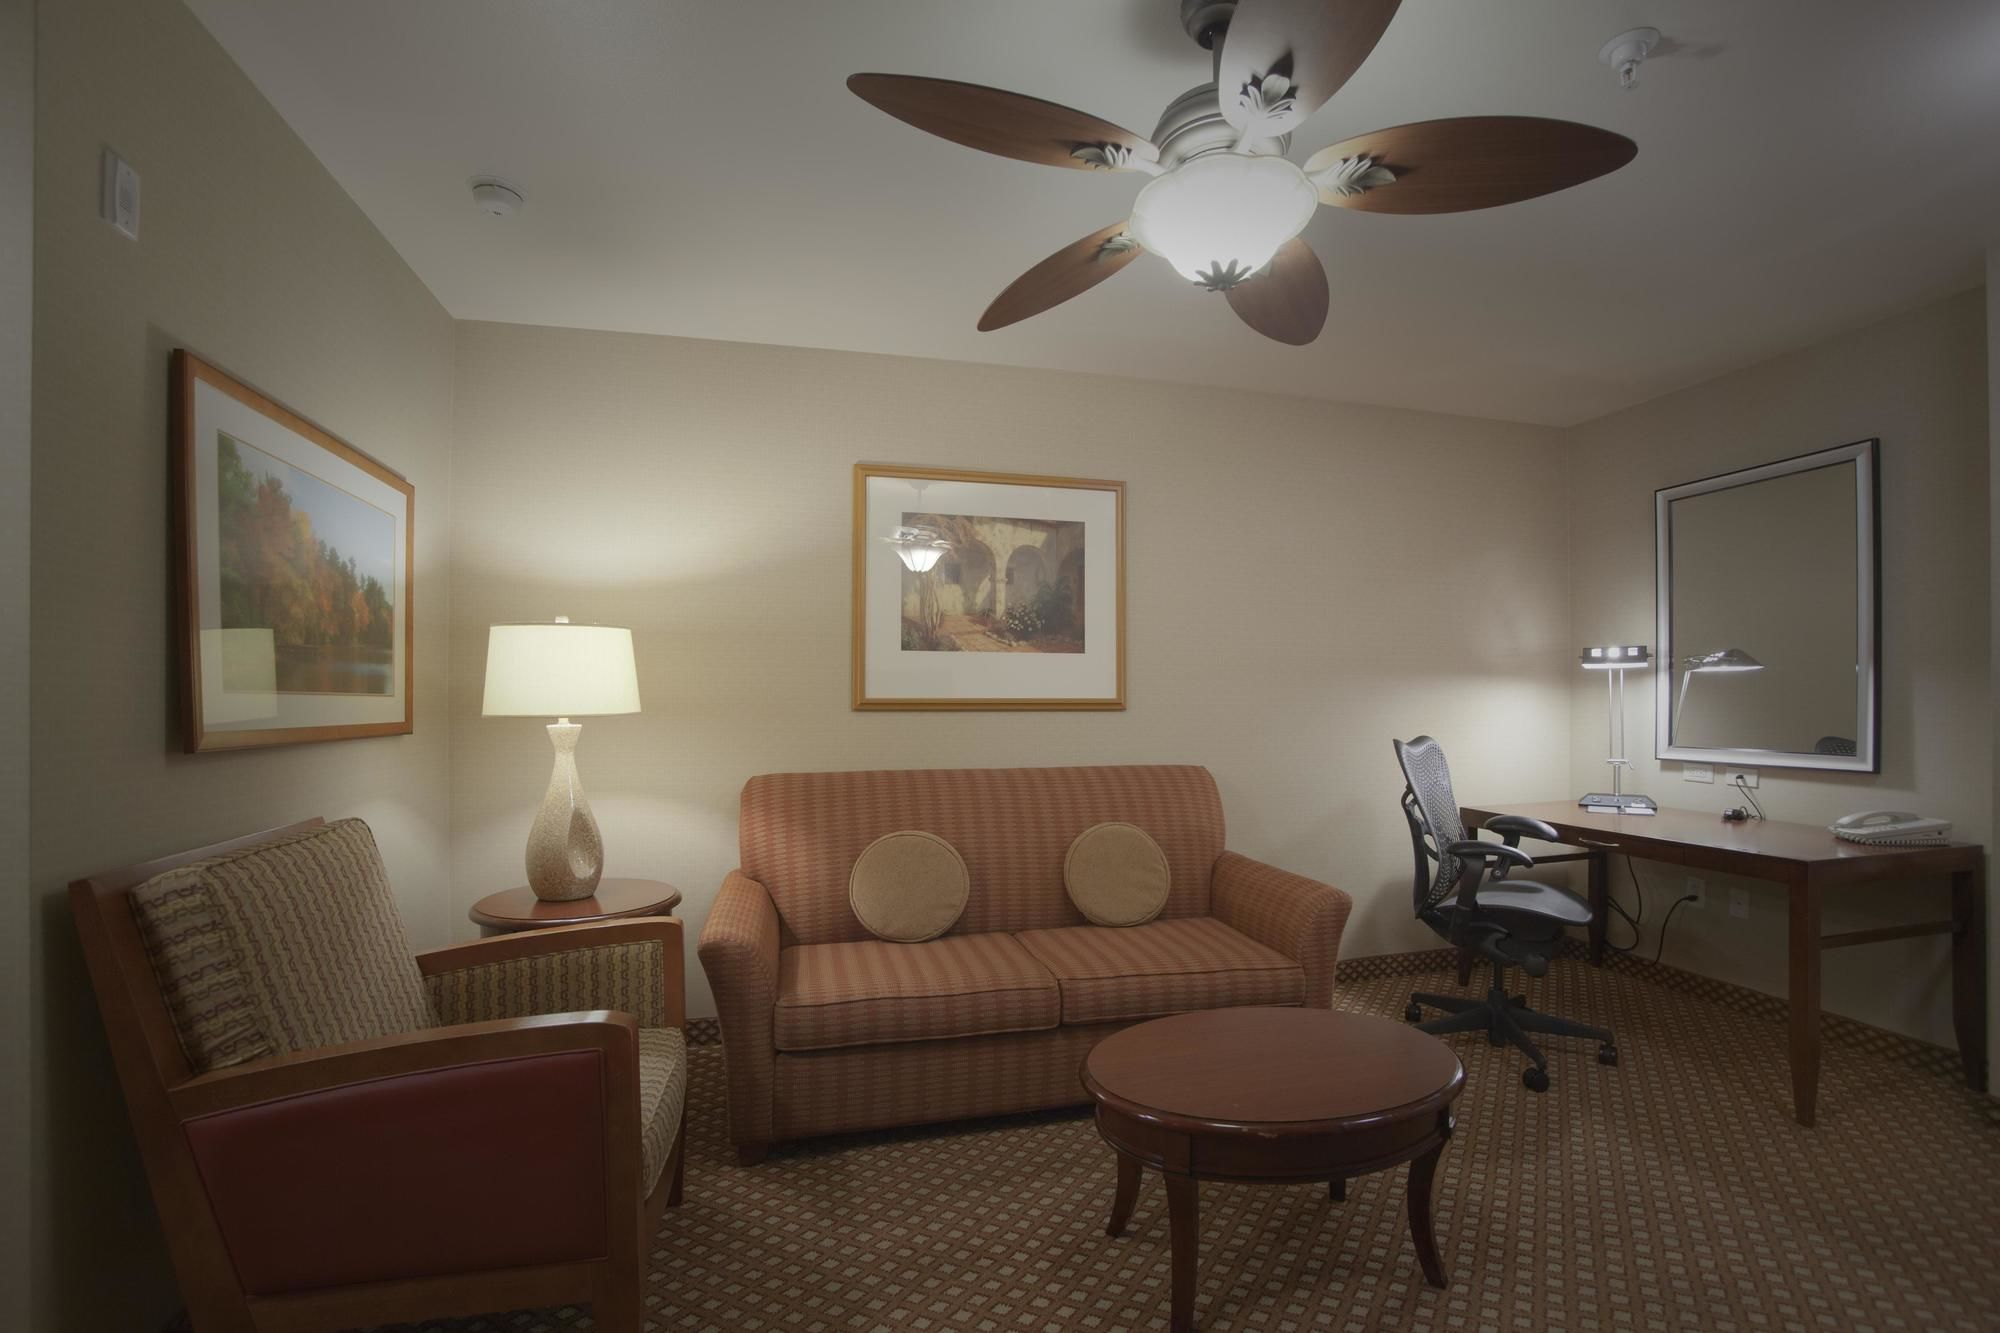 Hilton Garden Inn Albuquerque Uptown in Albuquerque, NM